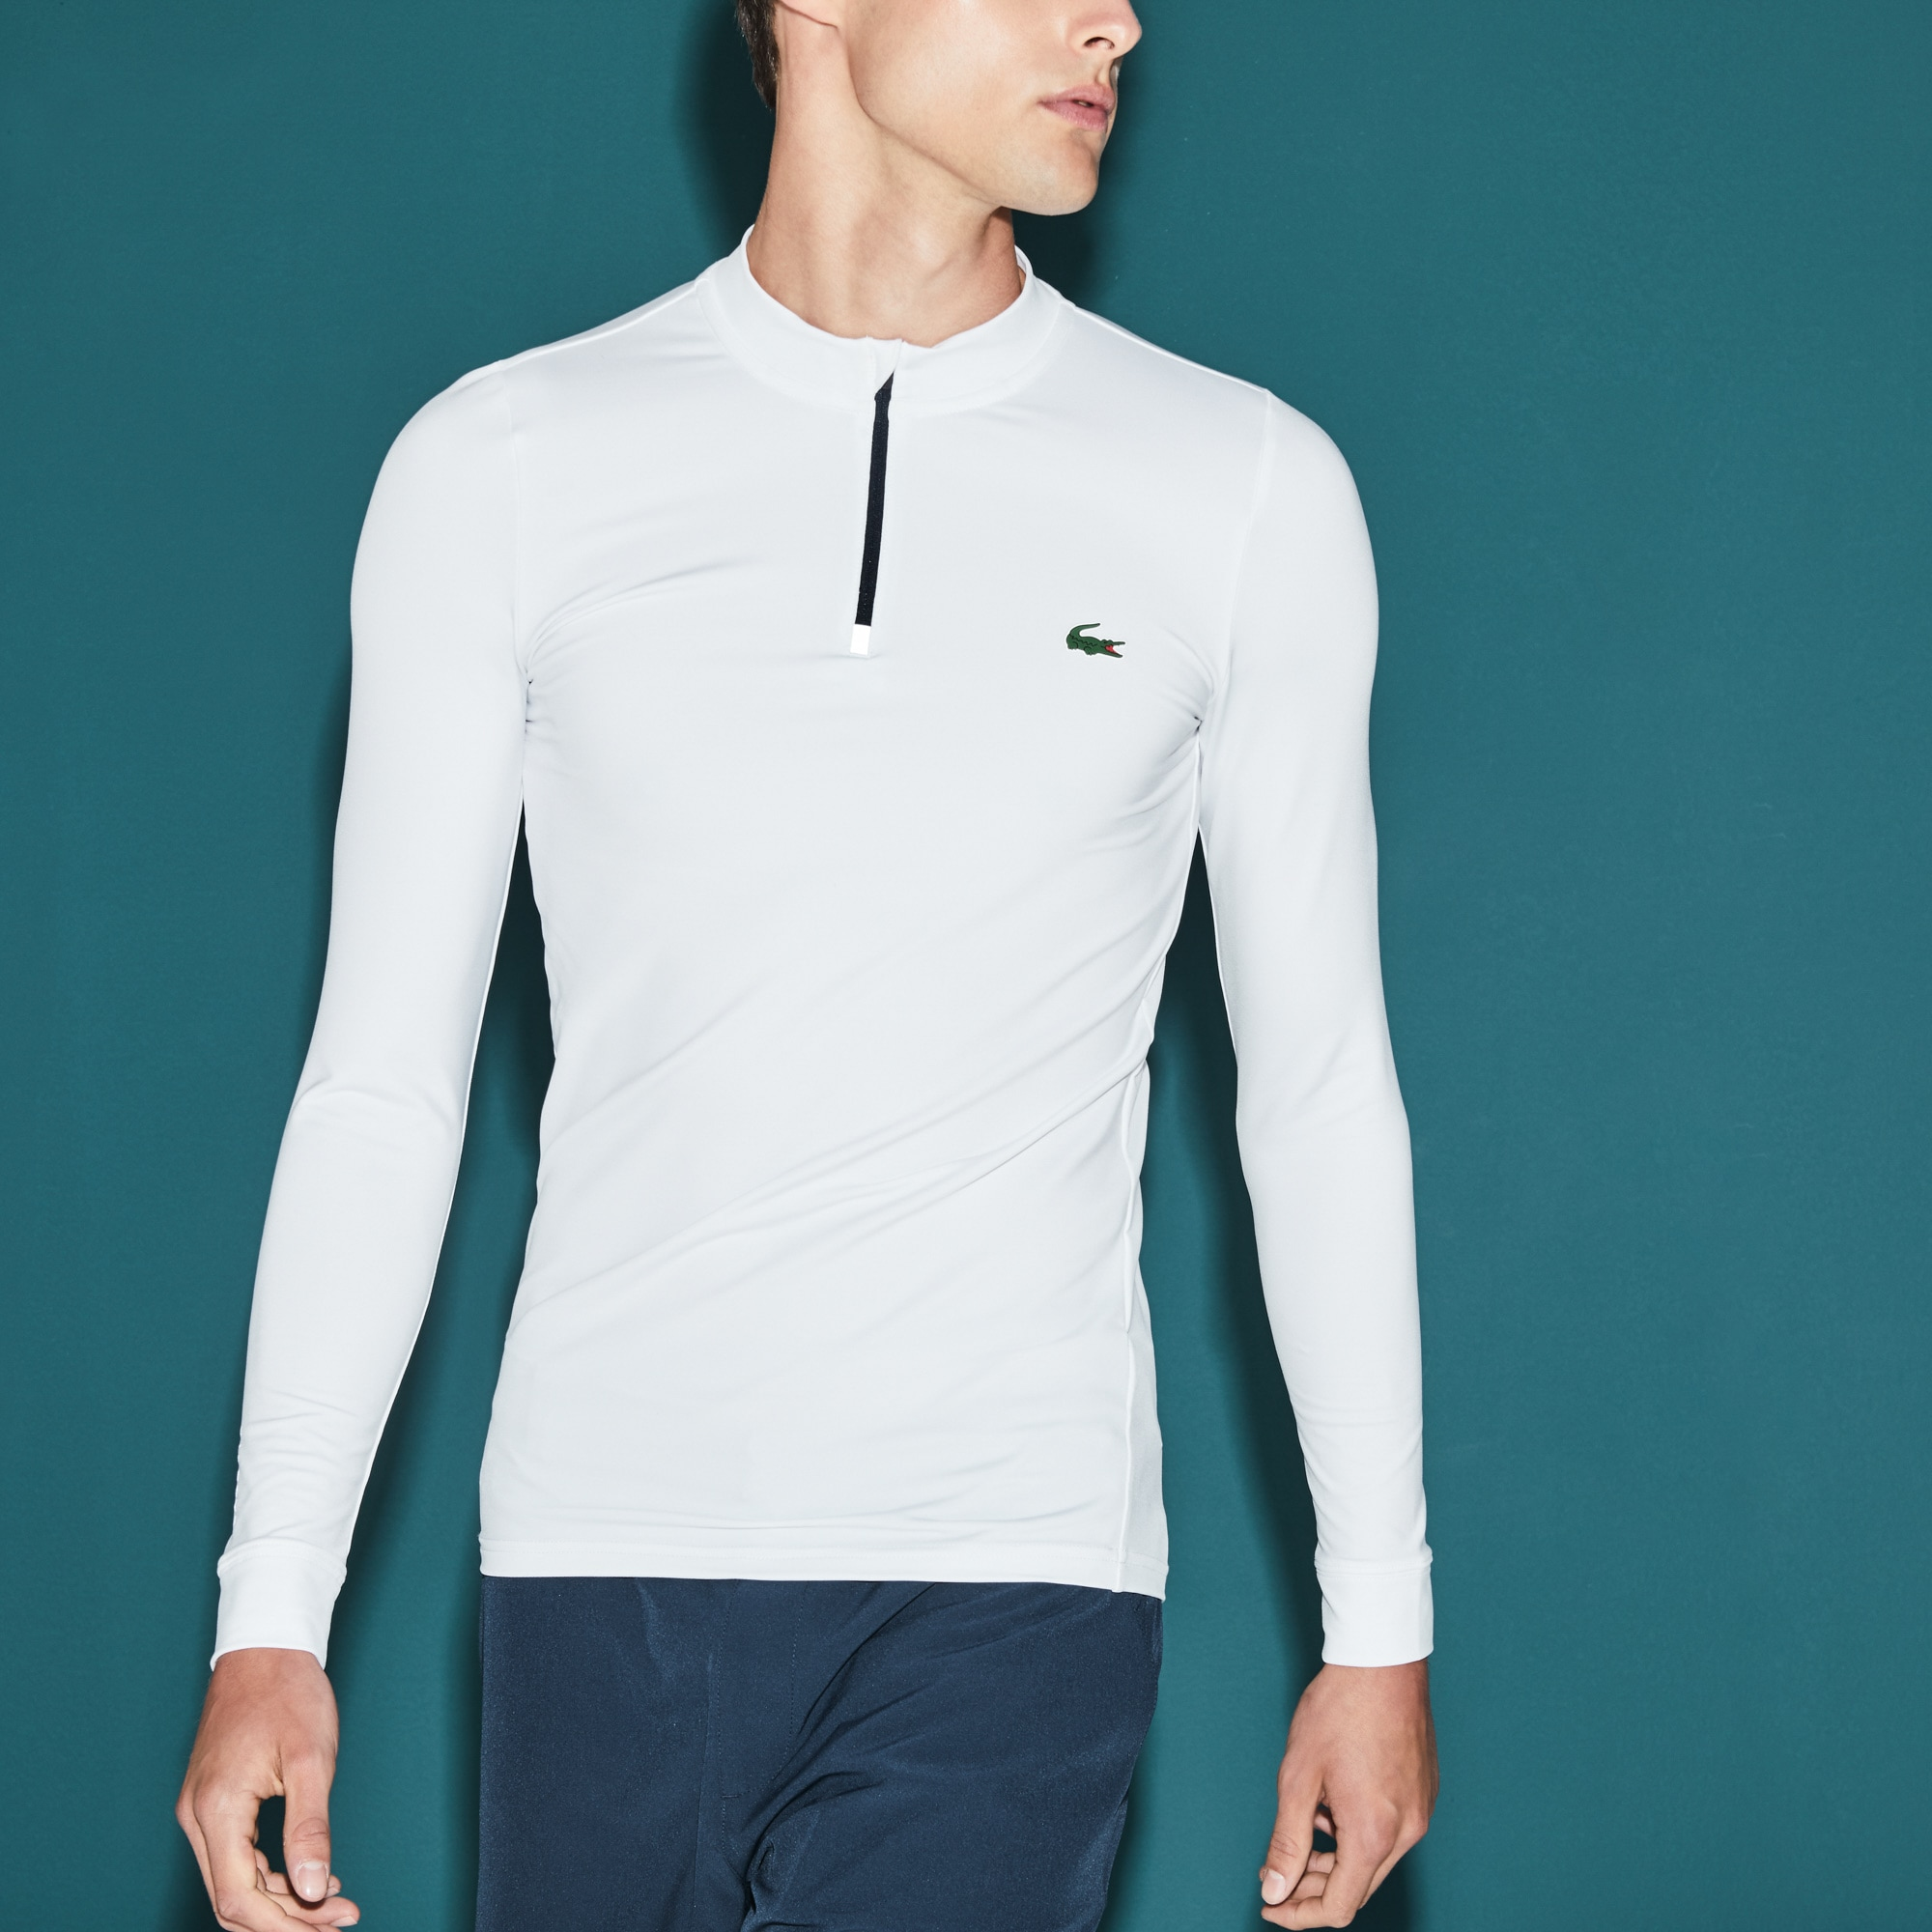 Men's SPORT Golf Tech Jersey T-shirt